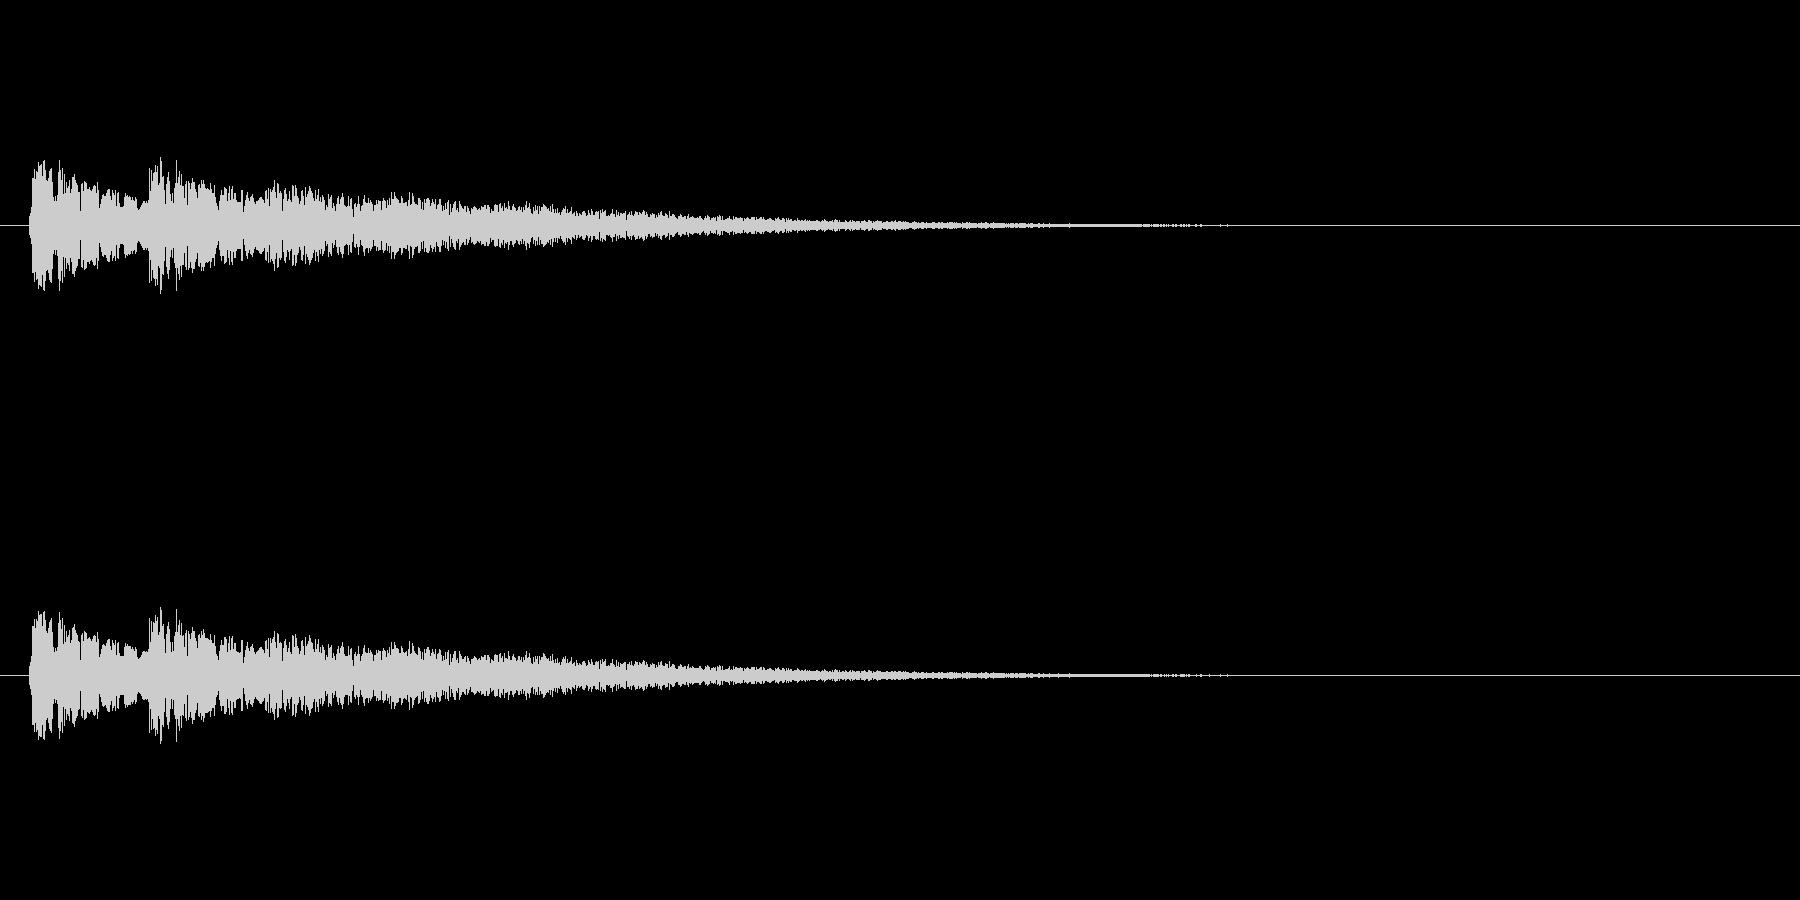 【ネガティブ07-5】の未再生の波形